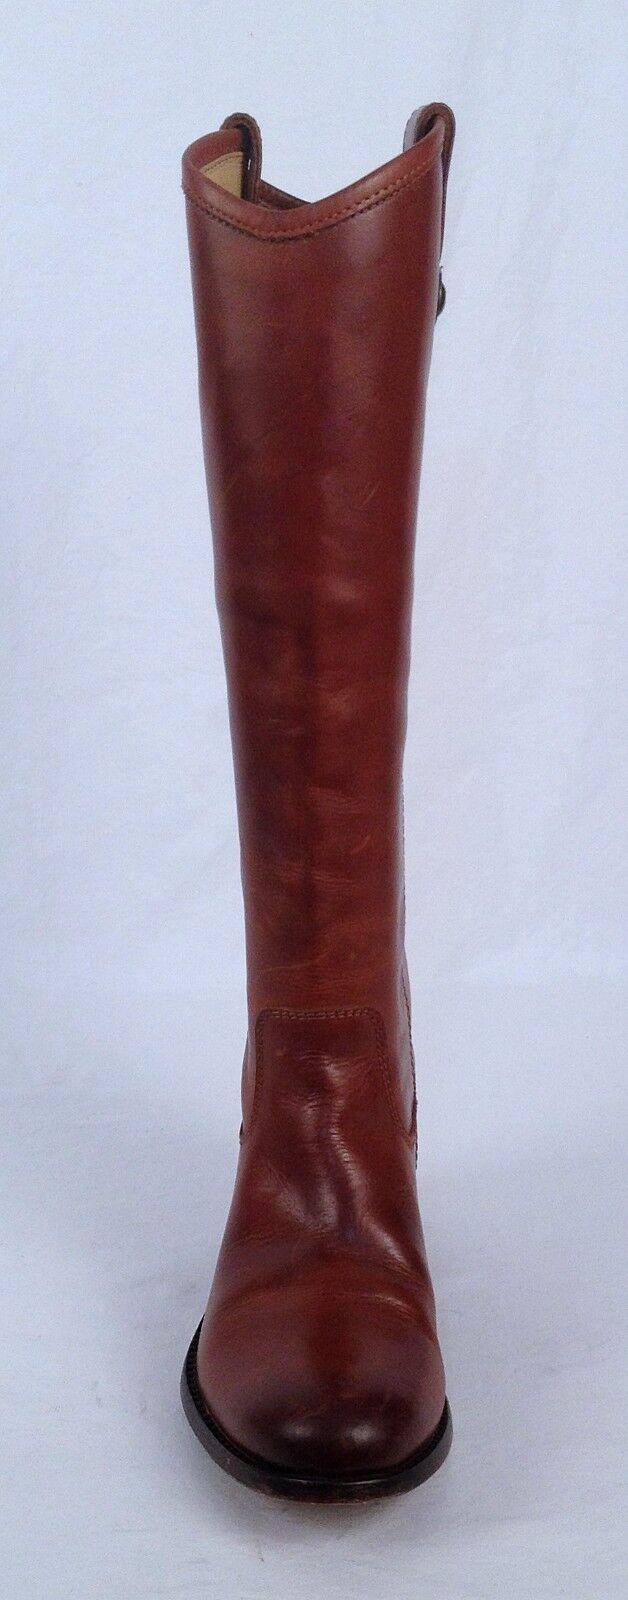 Frye 'Melissa' Button Boot- B Cognac Calf- Size 5.5 B Boot-  (B28) 1d6d22